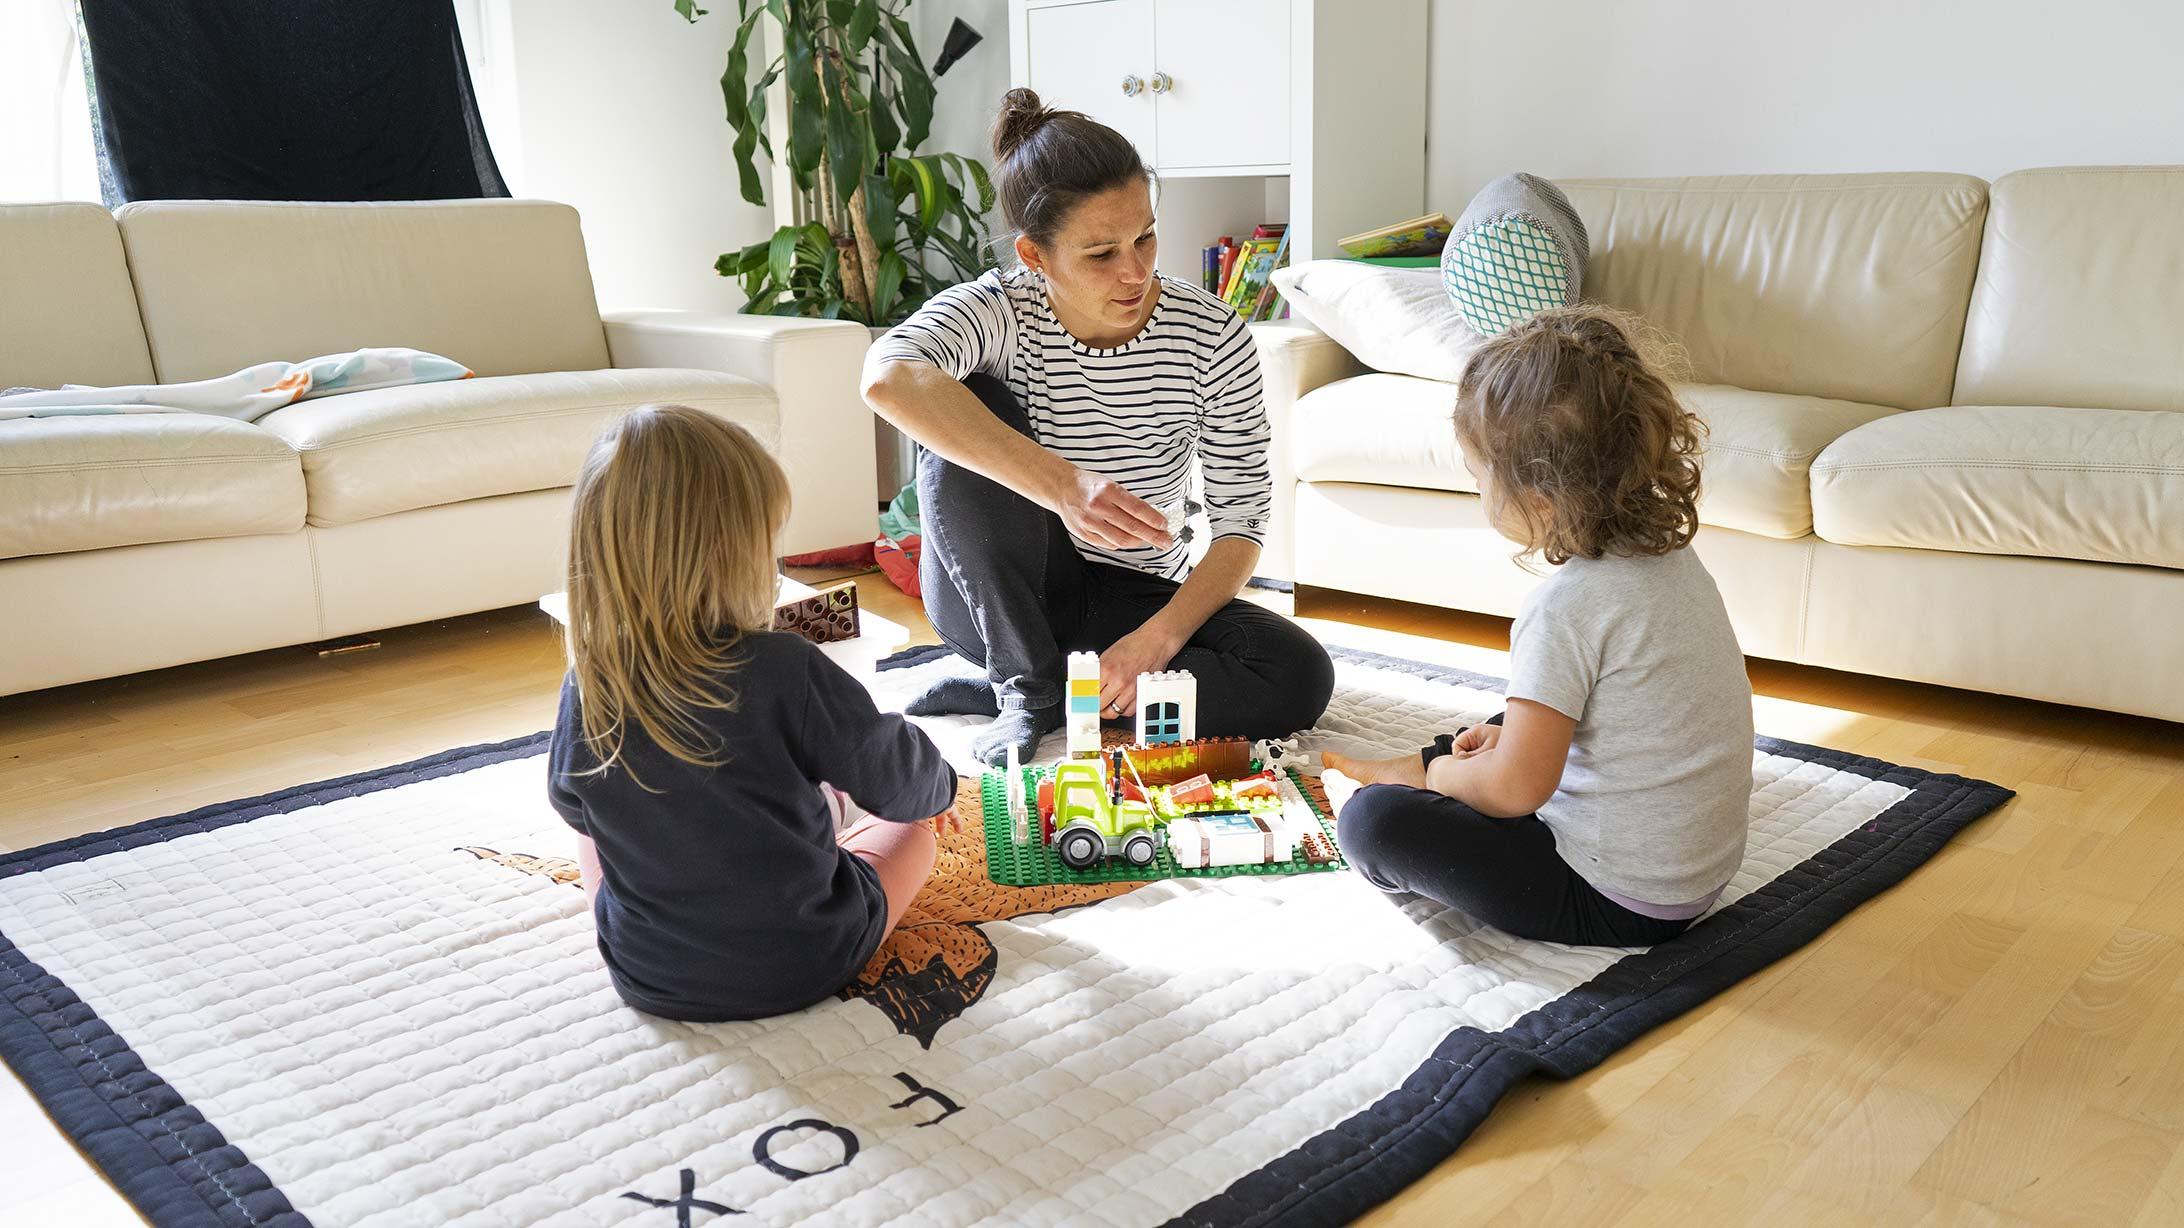 Cordula Peterhans, Lungenkrebspatientin, spielt mit ihren zwei Kindern im Wohnzimmer.